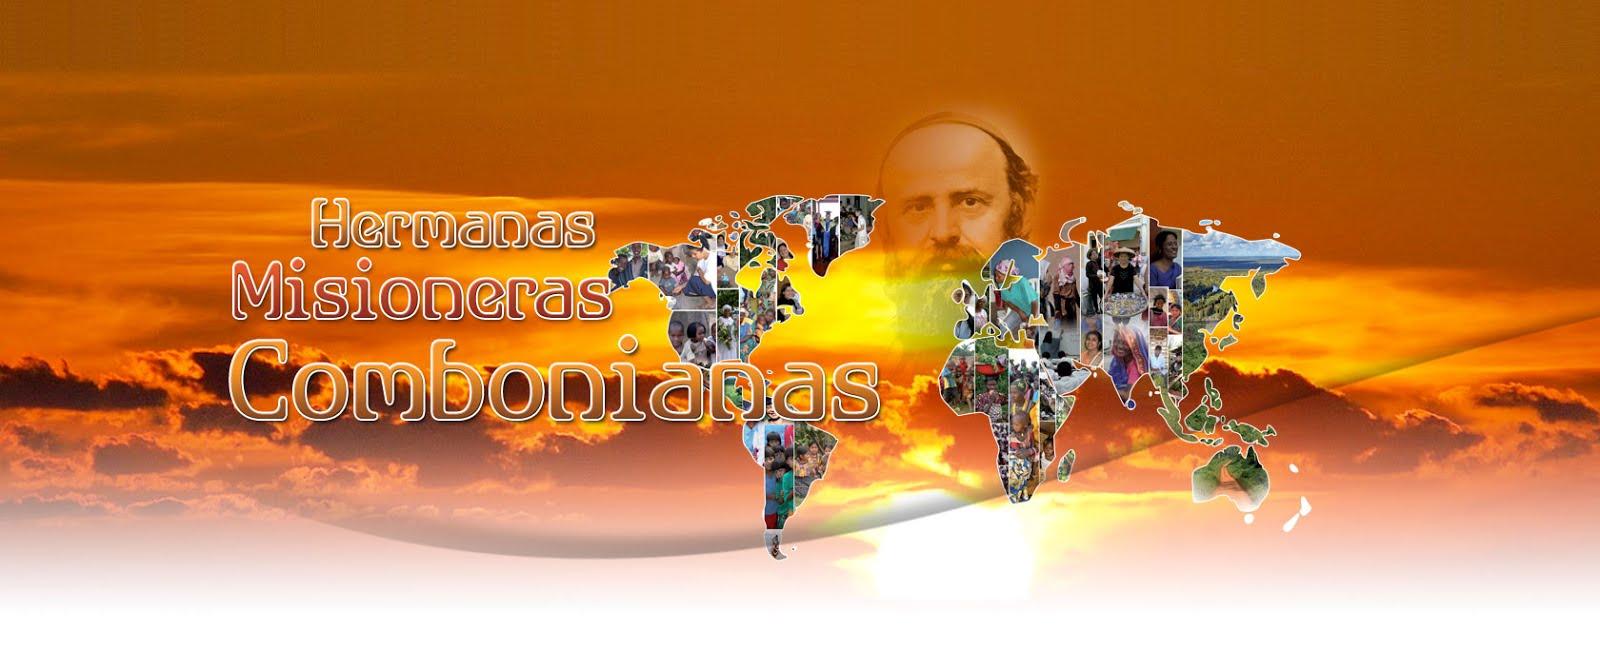 Hermanas Misioneras Combonianas